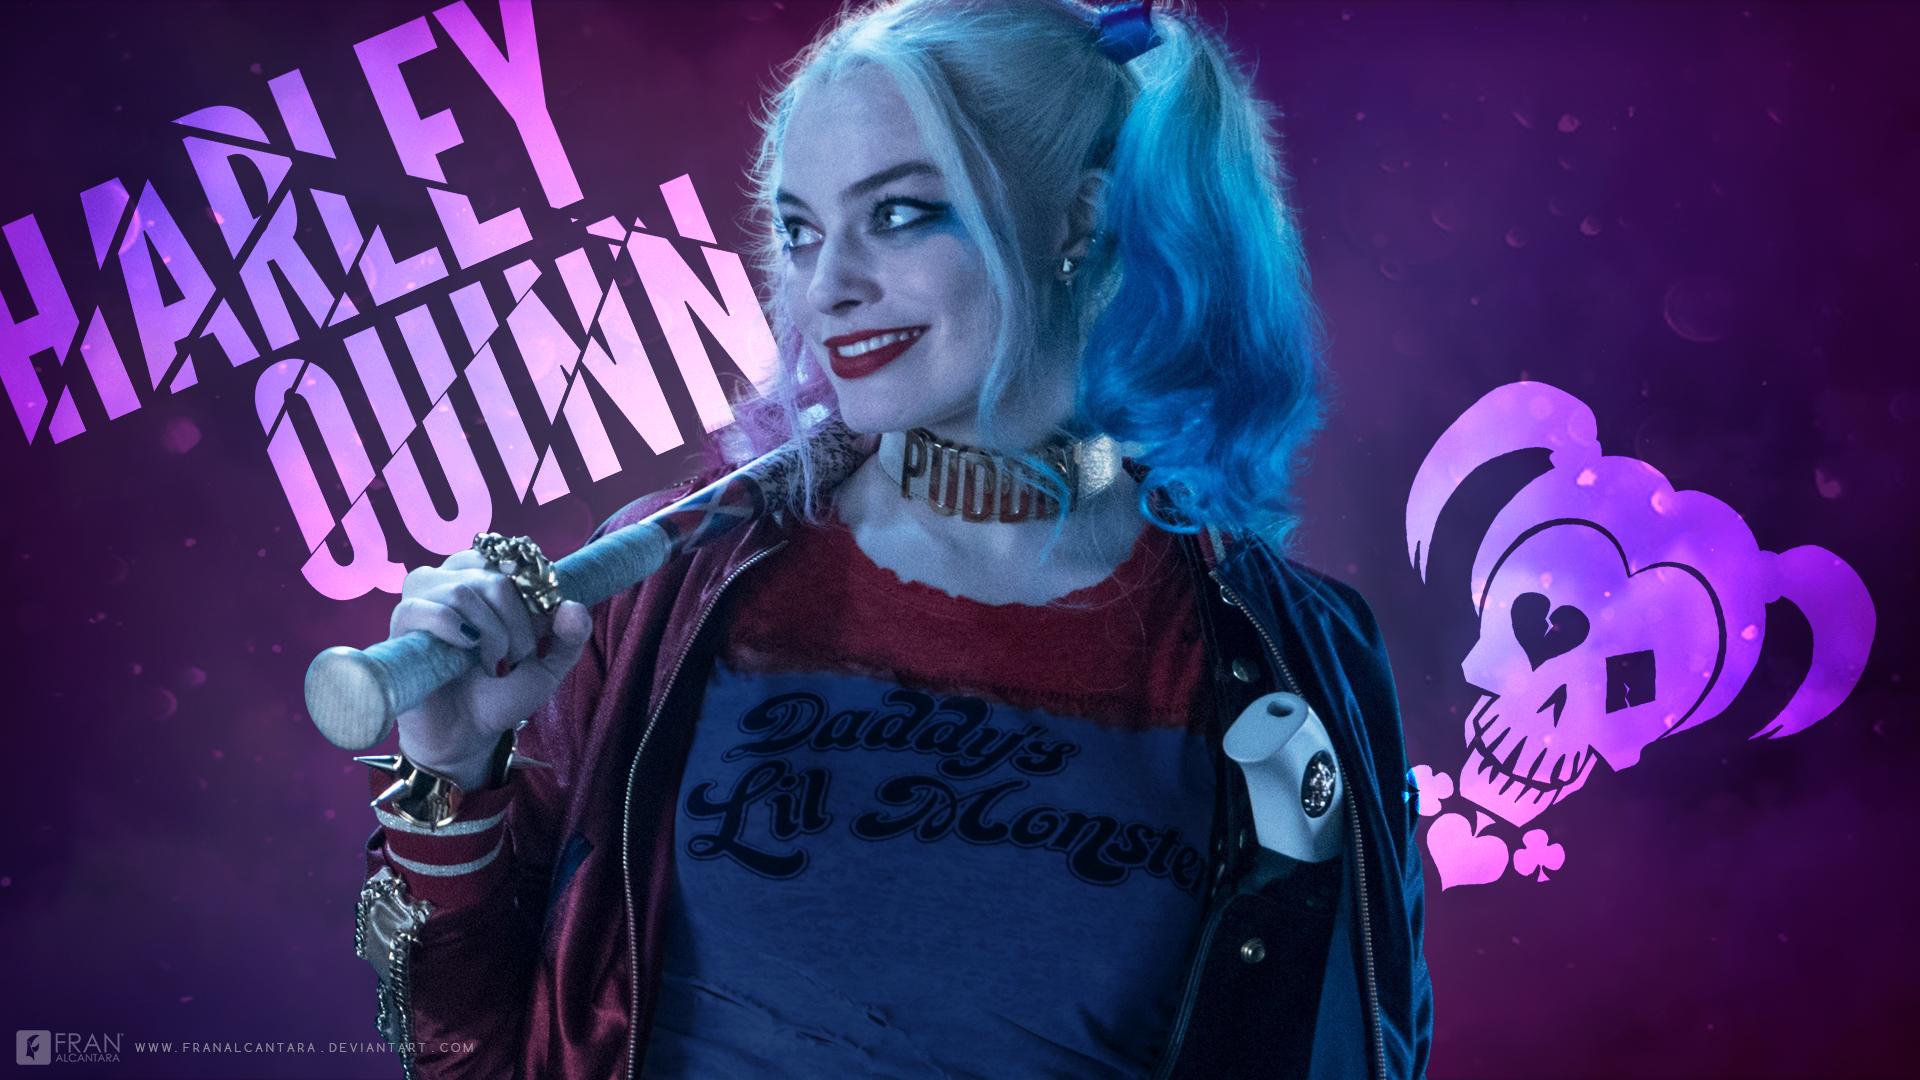 Harley Quinn Wallpaper By Franalcantara Fondo De Pantalla Hd